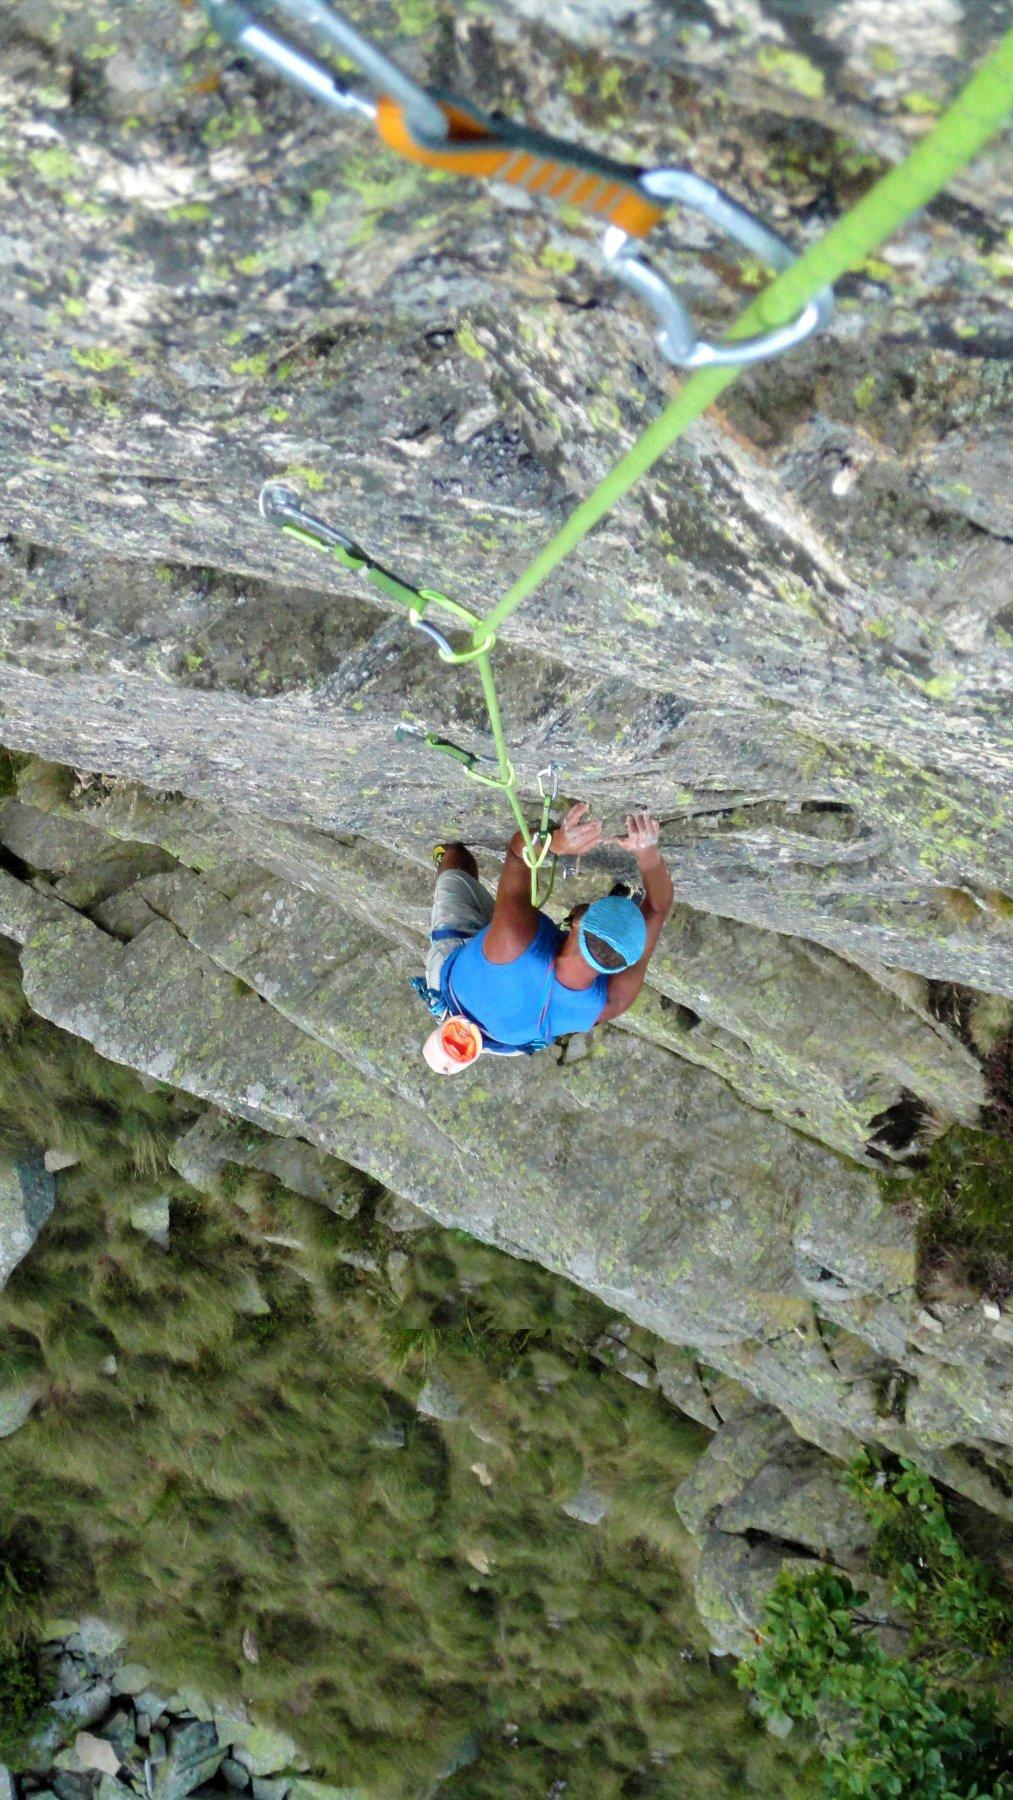 ..a metà del muro verticale del 3° tiro su roccia strepitosa a tacche nette per mani e piedi.. Fantastico..